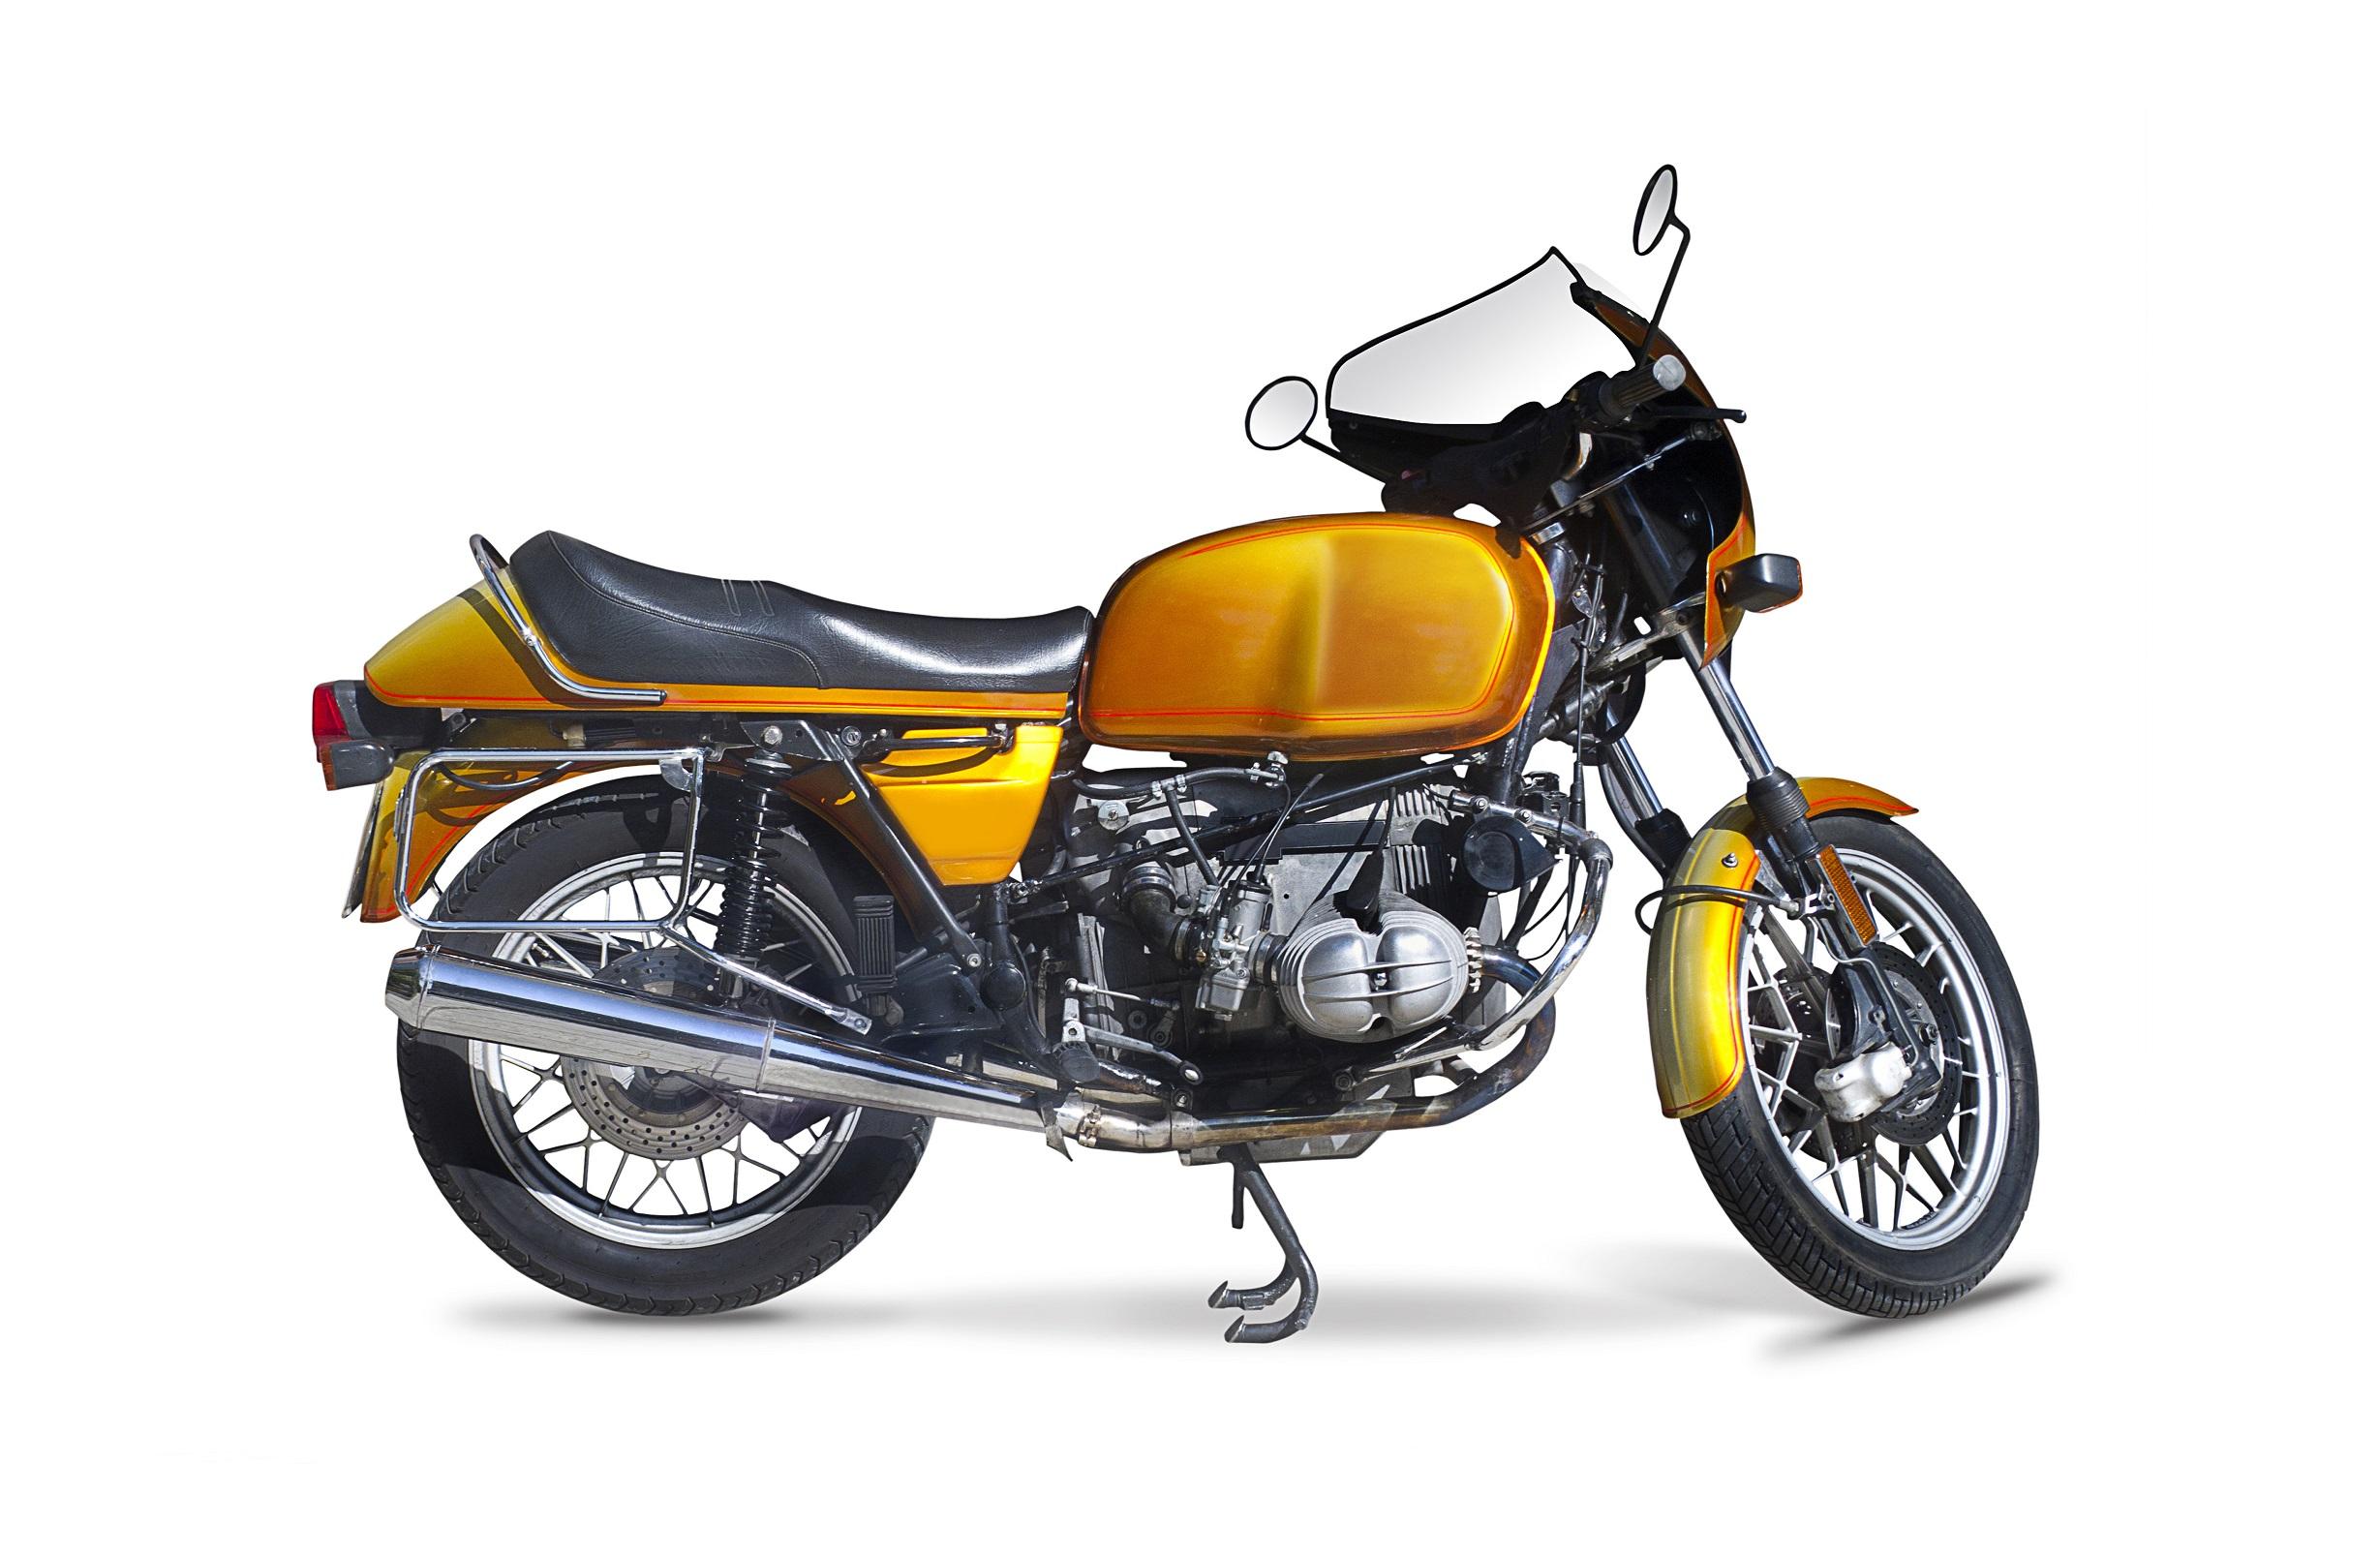 MOTO - R$ 16.000,00